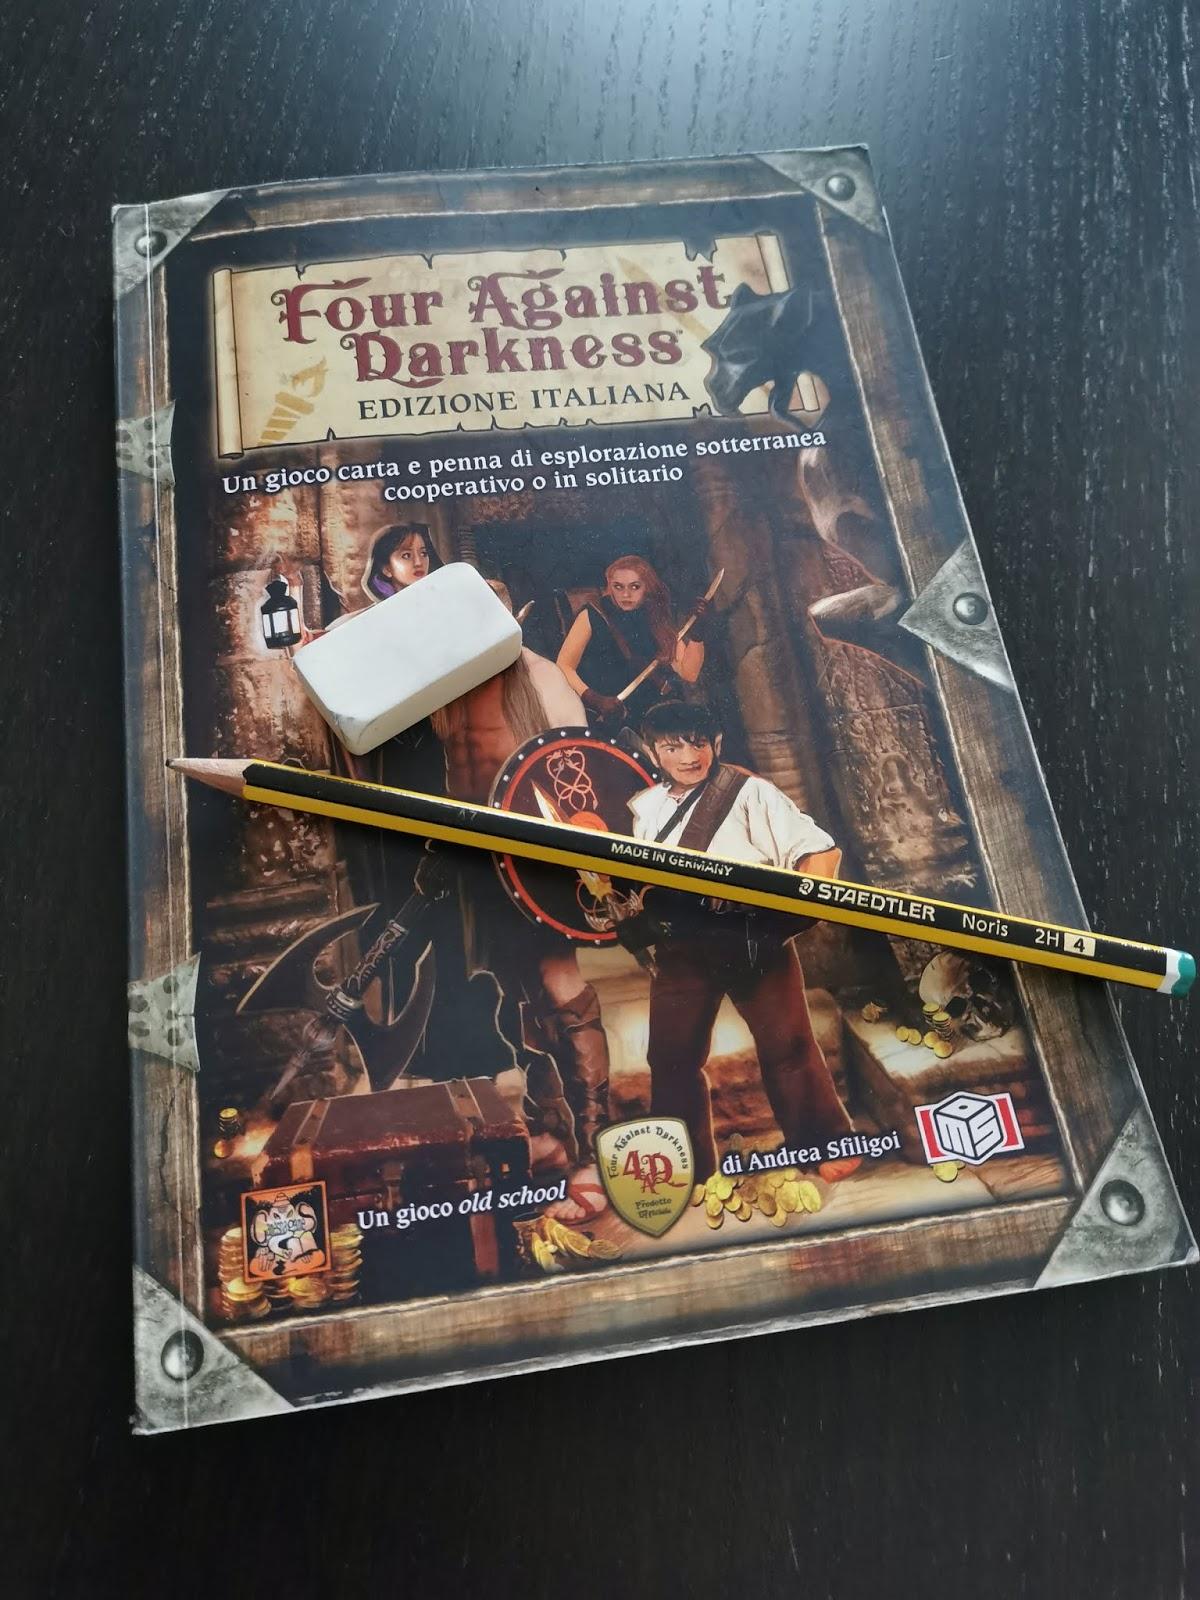 Copertina del gioco di ruolo Four Against Darkness